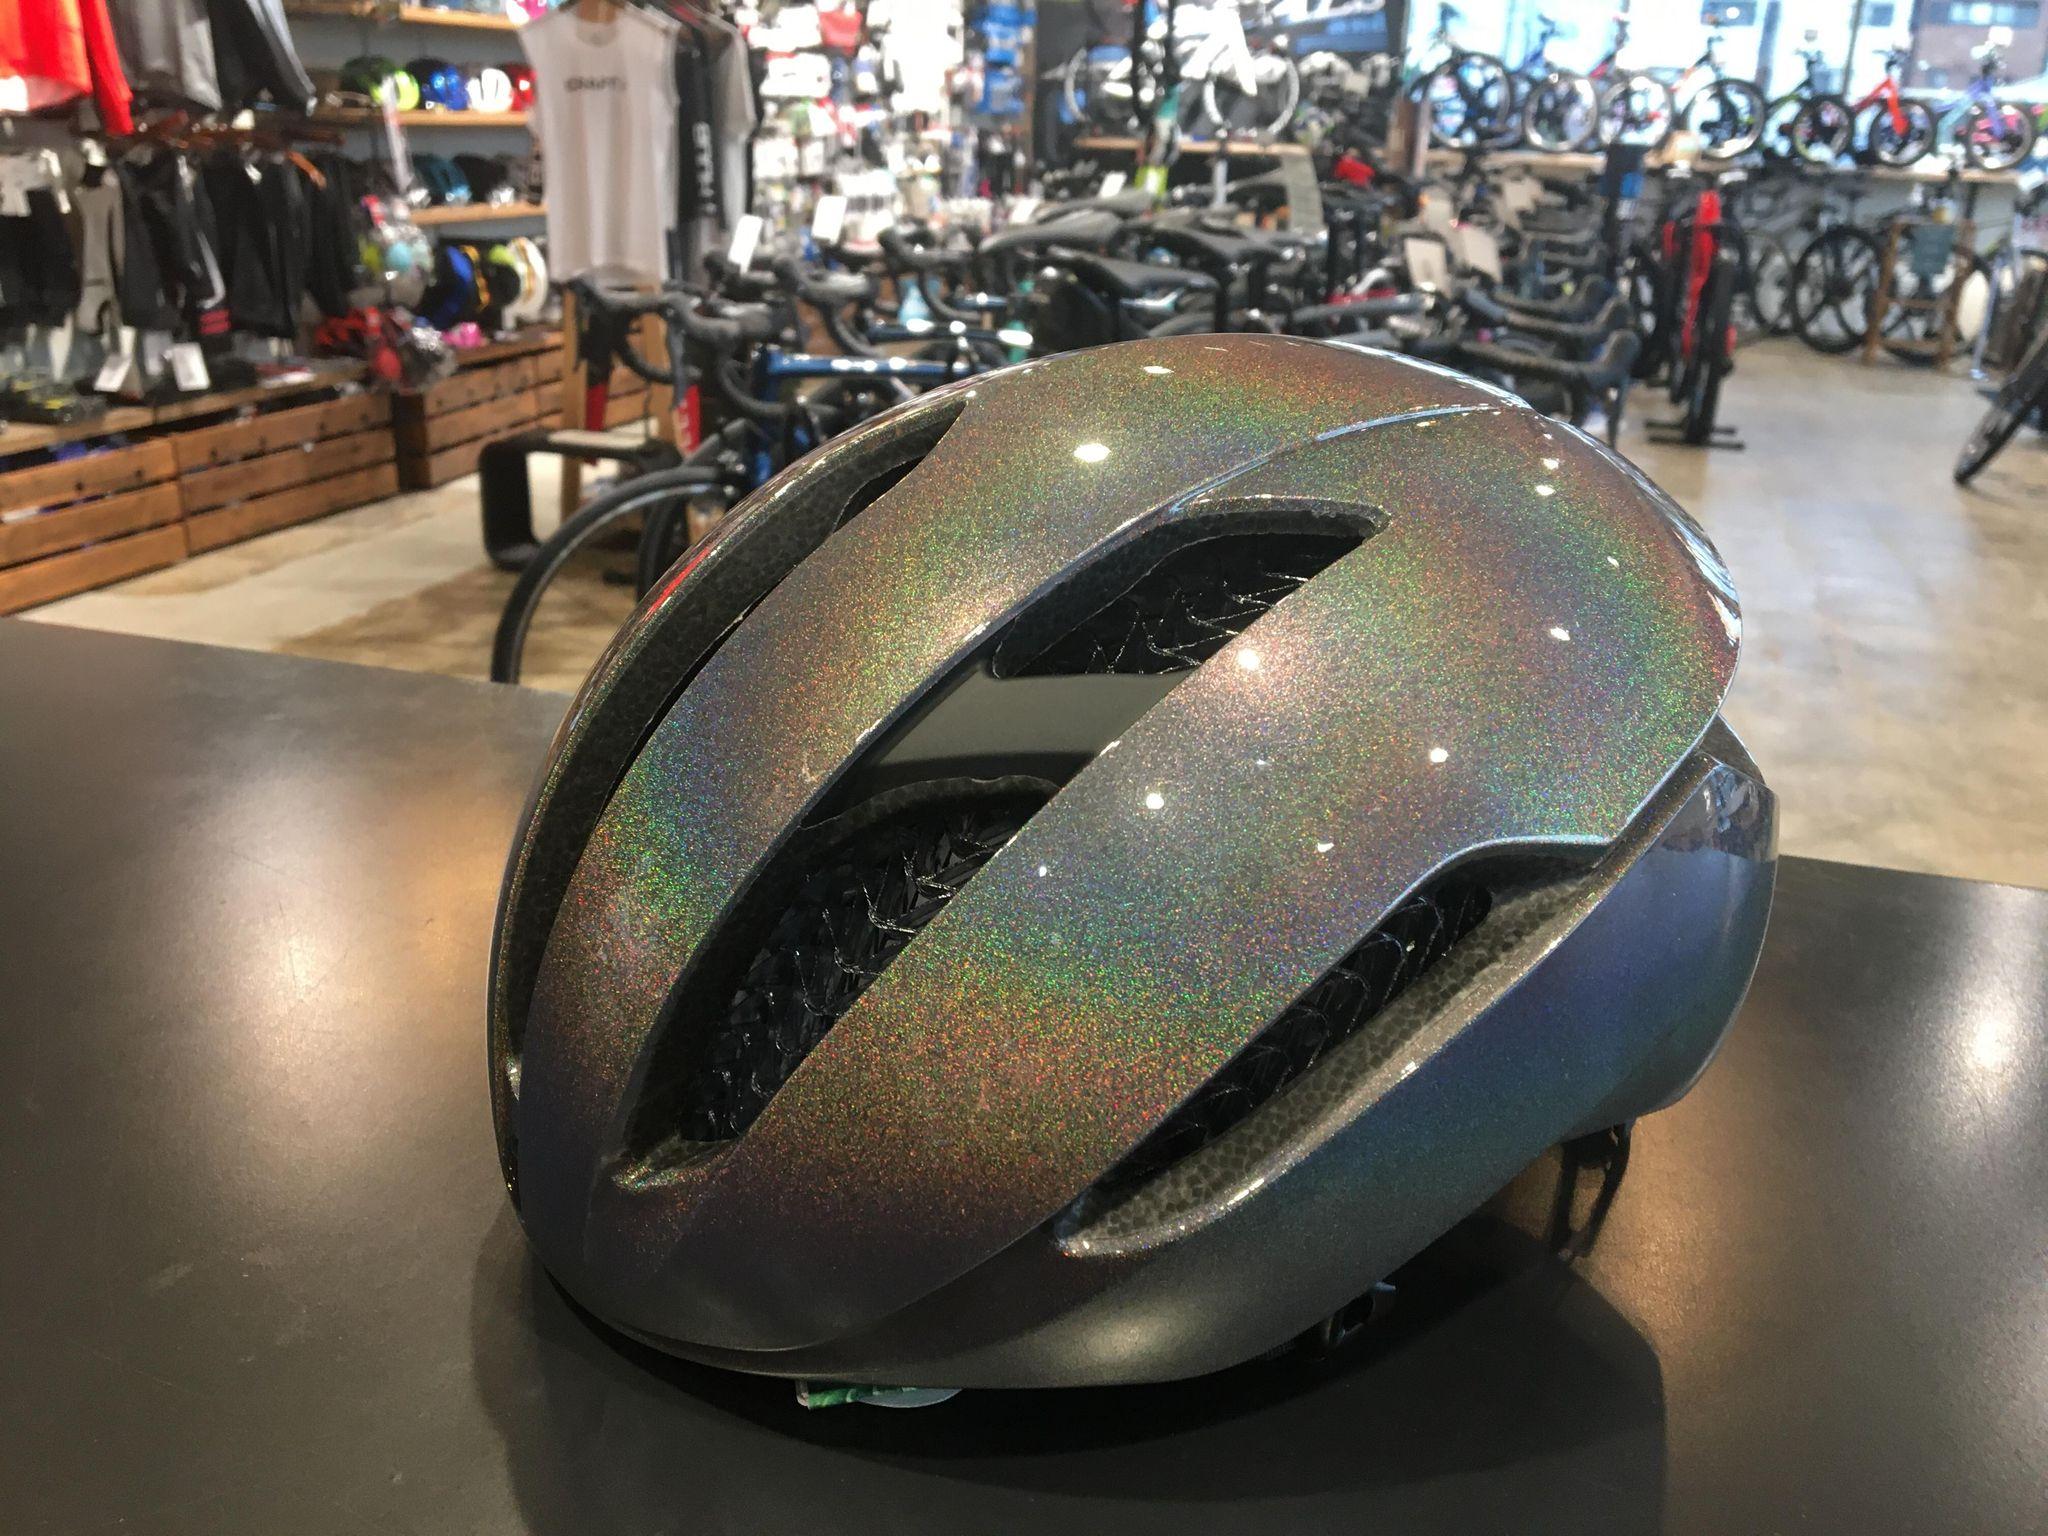 限定ヘルメット!Bontrager XXX WaveCel LTD アジアフィット ロードヘルメット入荷しました!